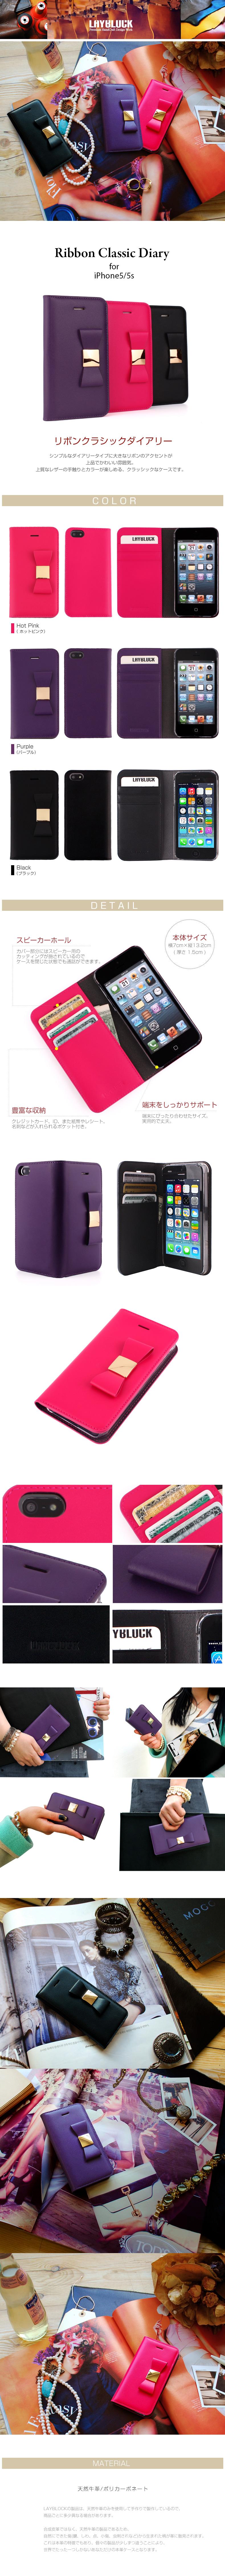 商品詳細iPhone5/5sRibbon Classic Diary (リボンクラシックダイアリー)